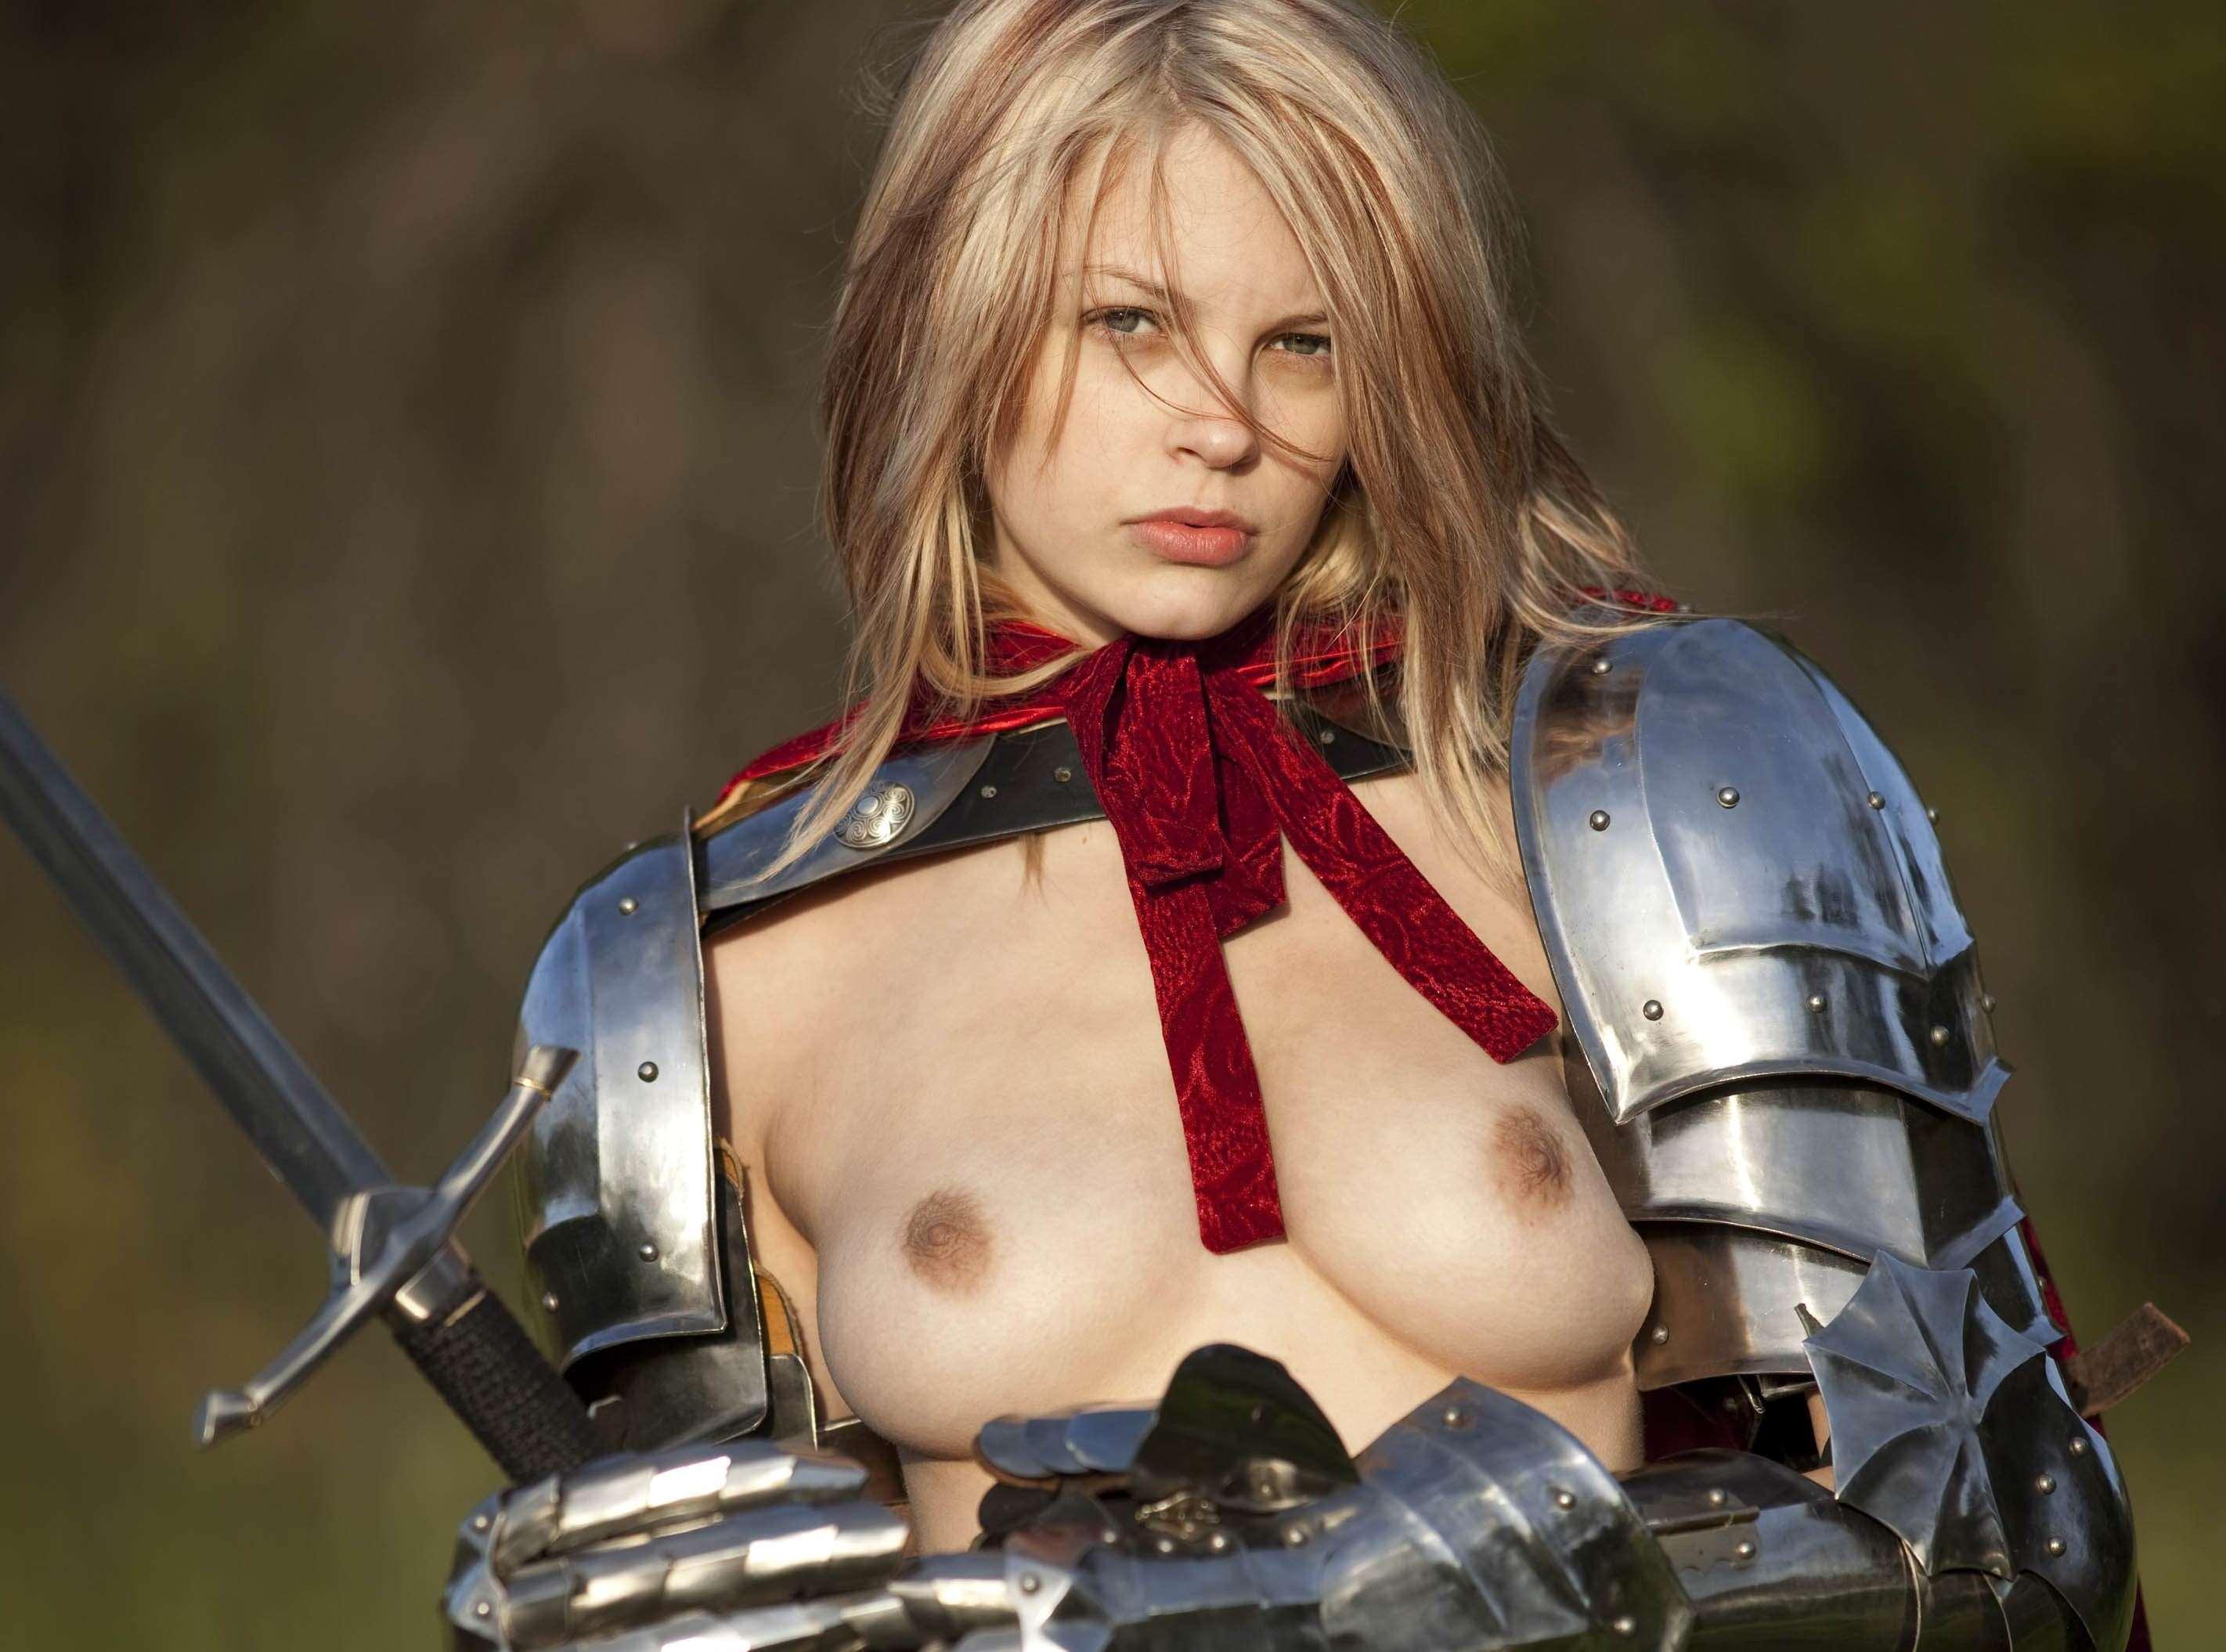 よつんばい 真正面 全裸 中世ヨーロッパ風の騎士や娼婦に扮した外国人美女のヌード